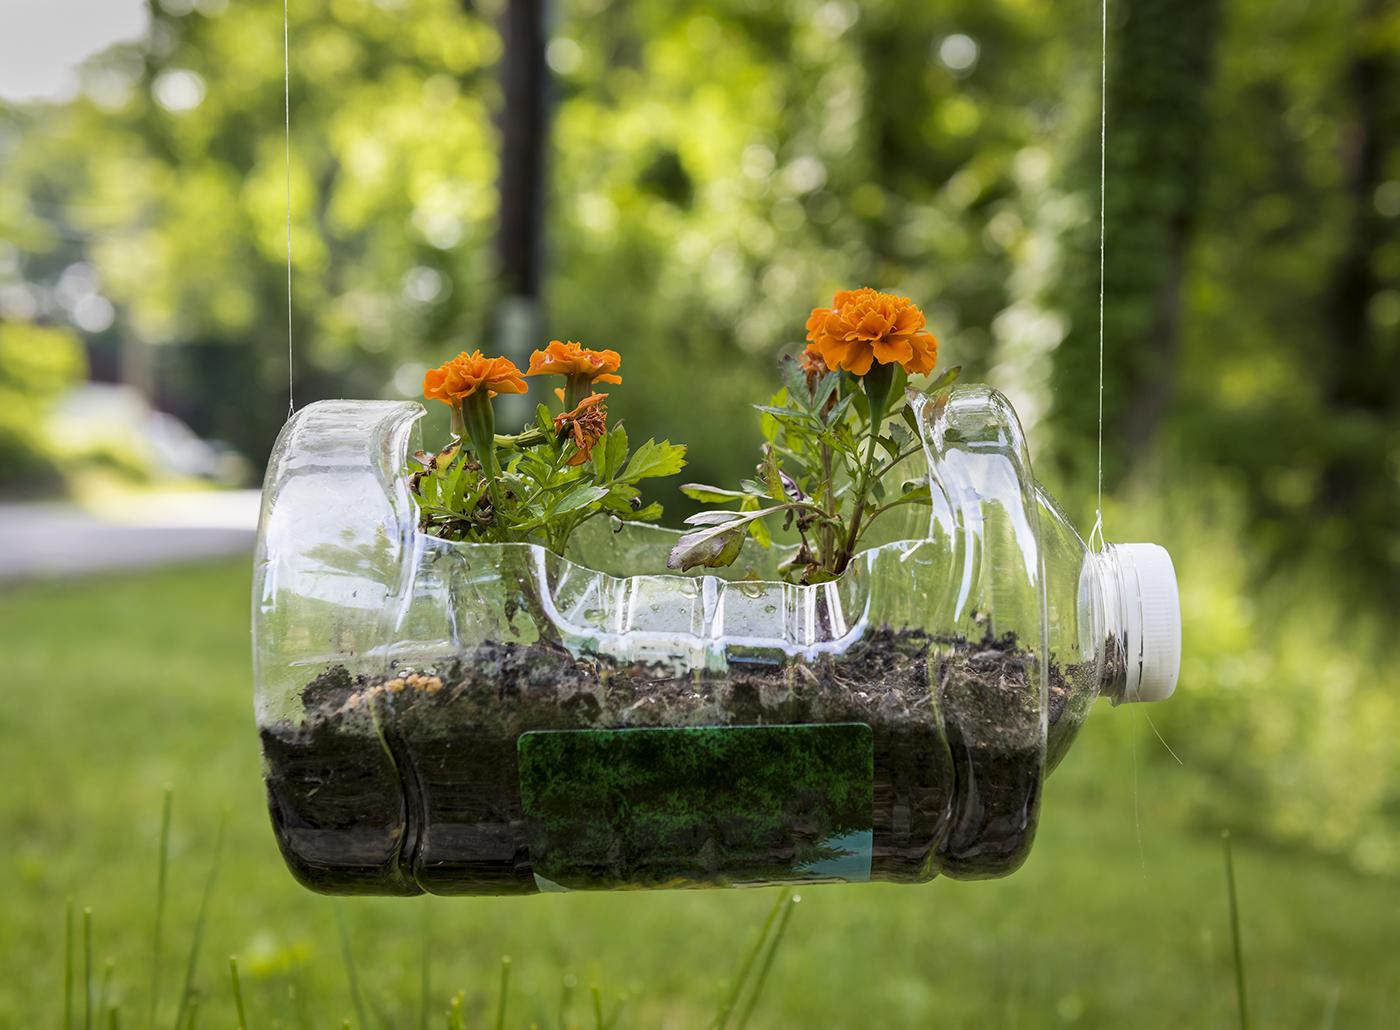 Inspirasi halaman rumah unik mini dari botol plastik